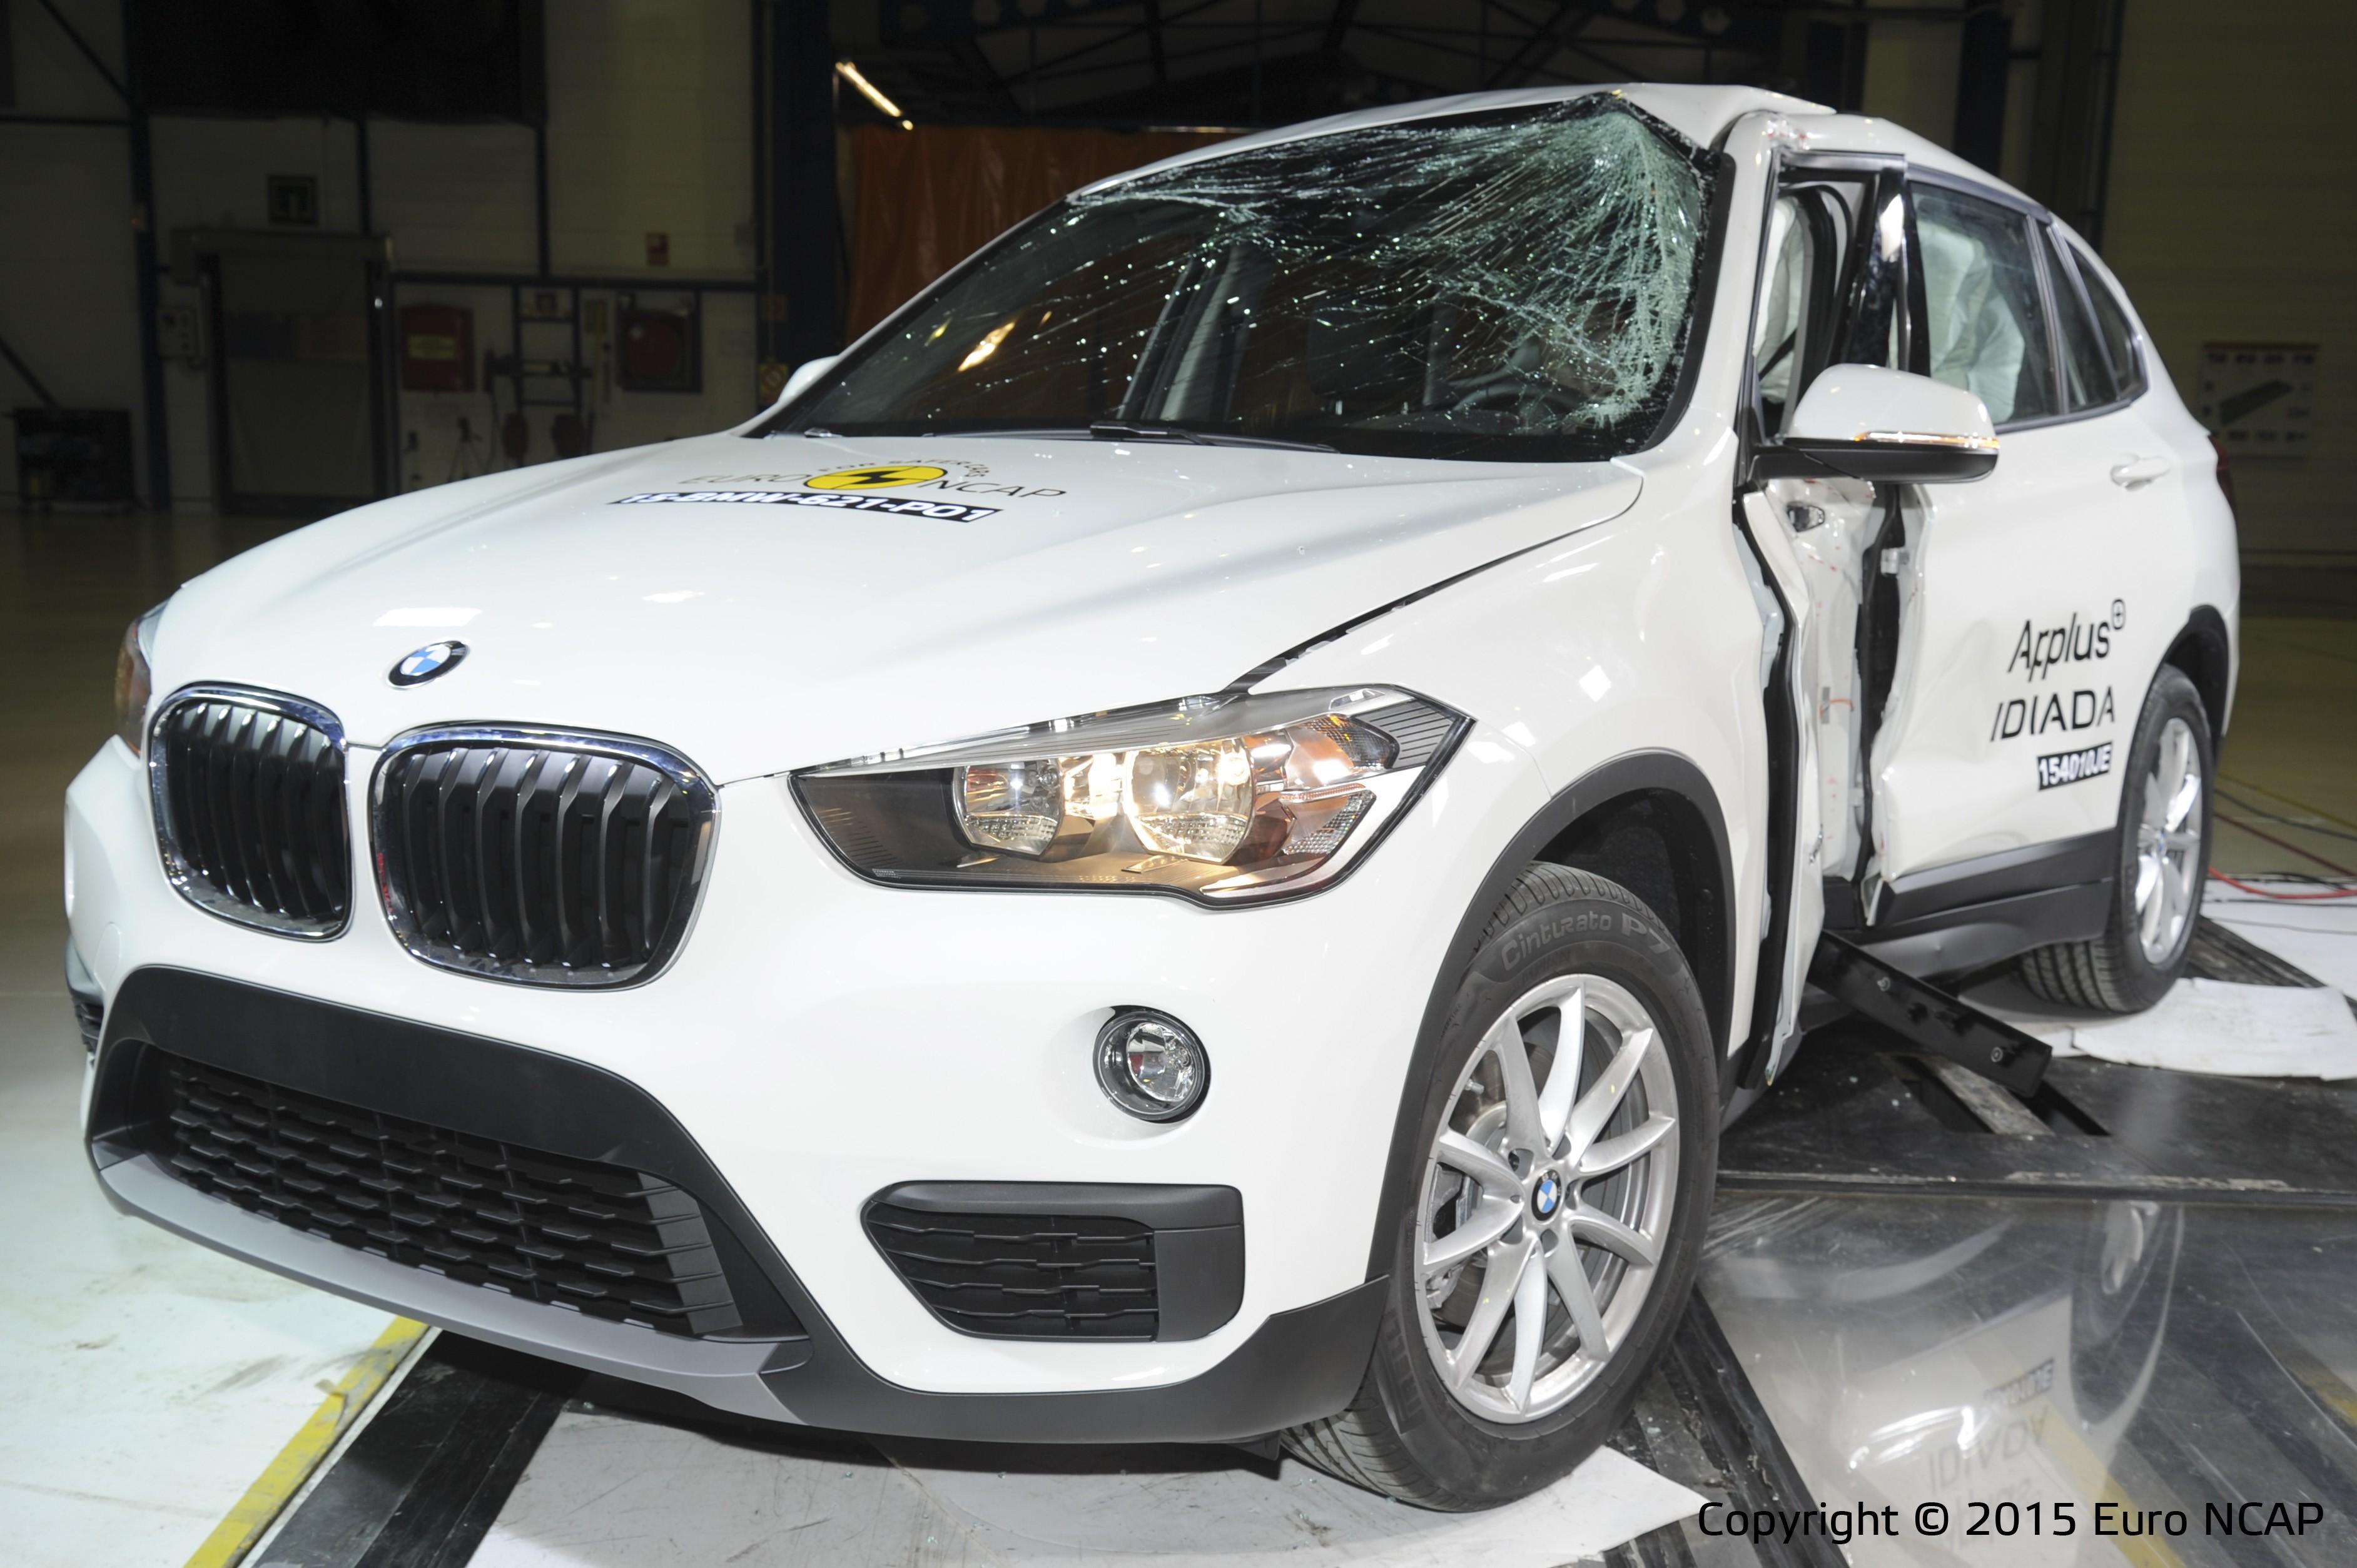 BMW Z4 Scores 3 Stars in Latest EuroNCAP Test, New MINI Clubman